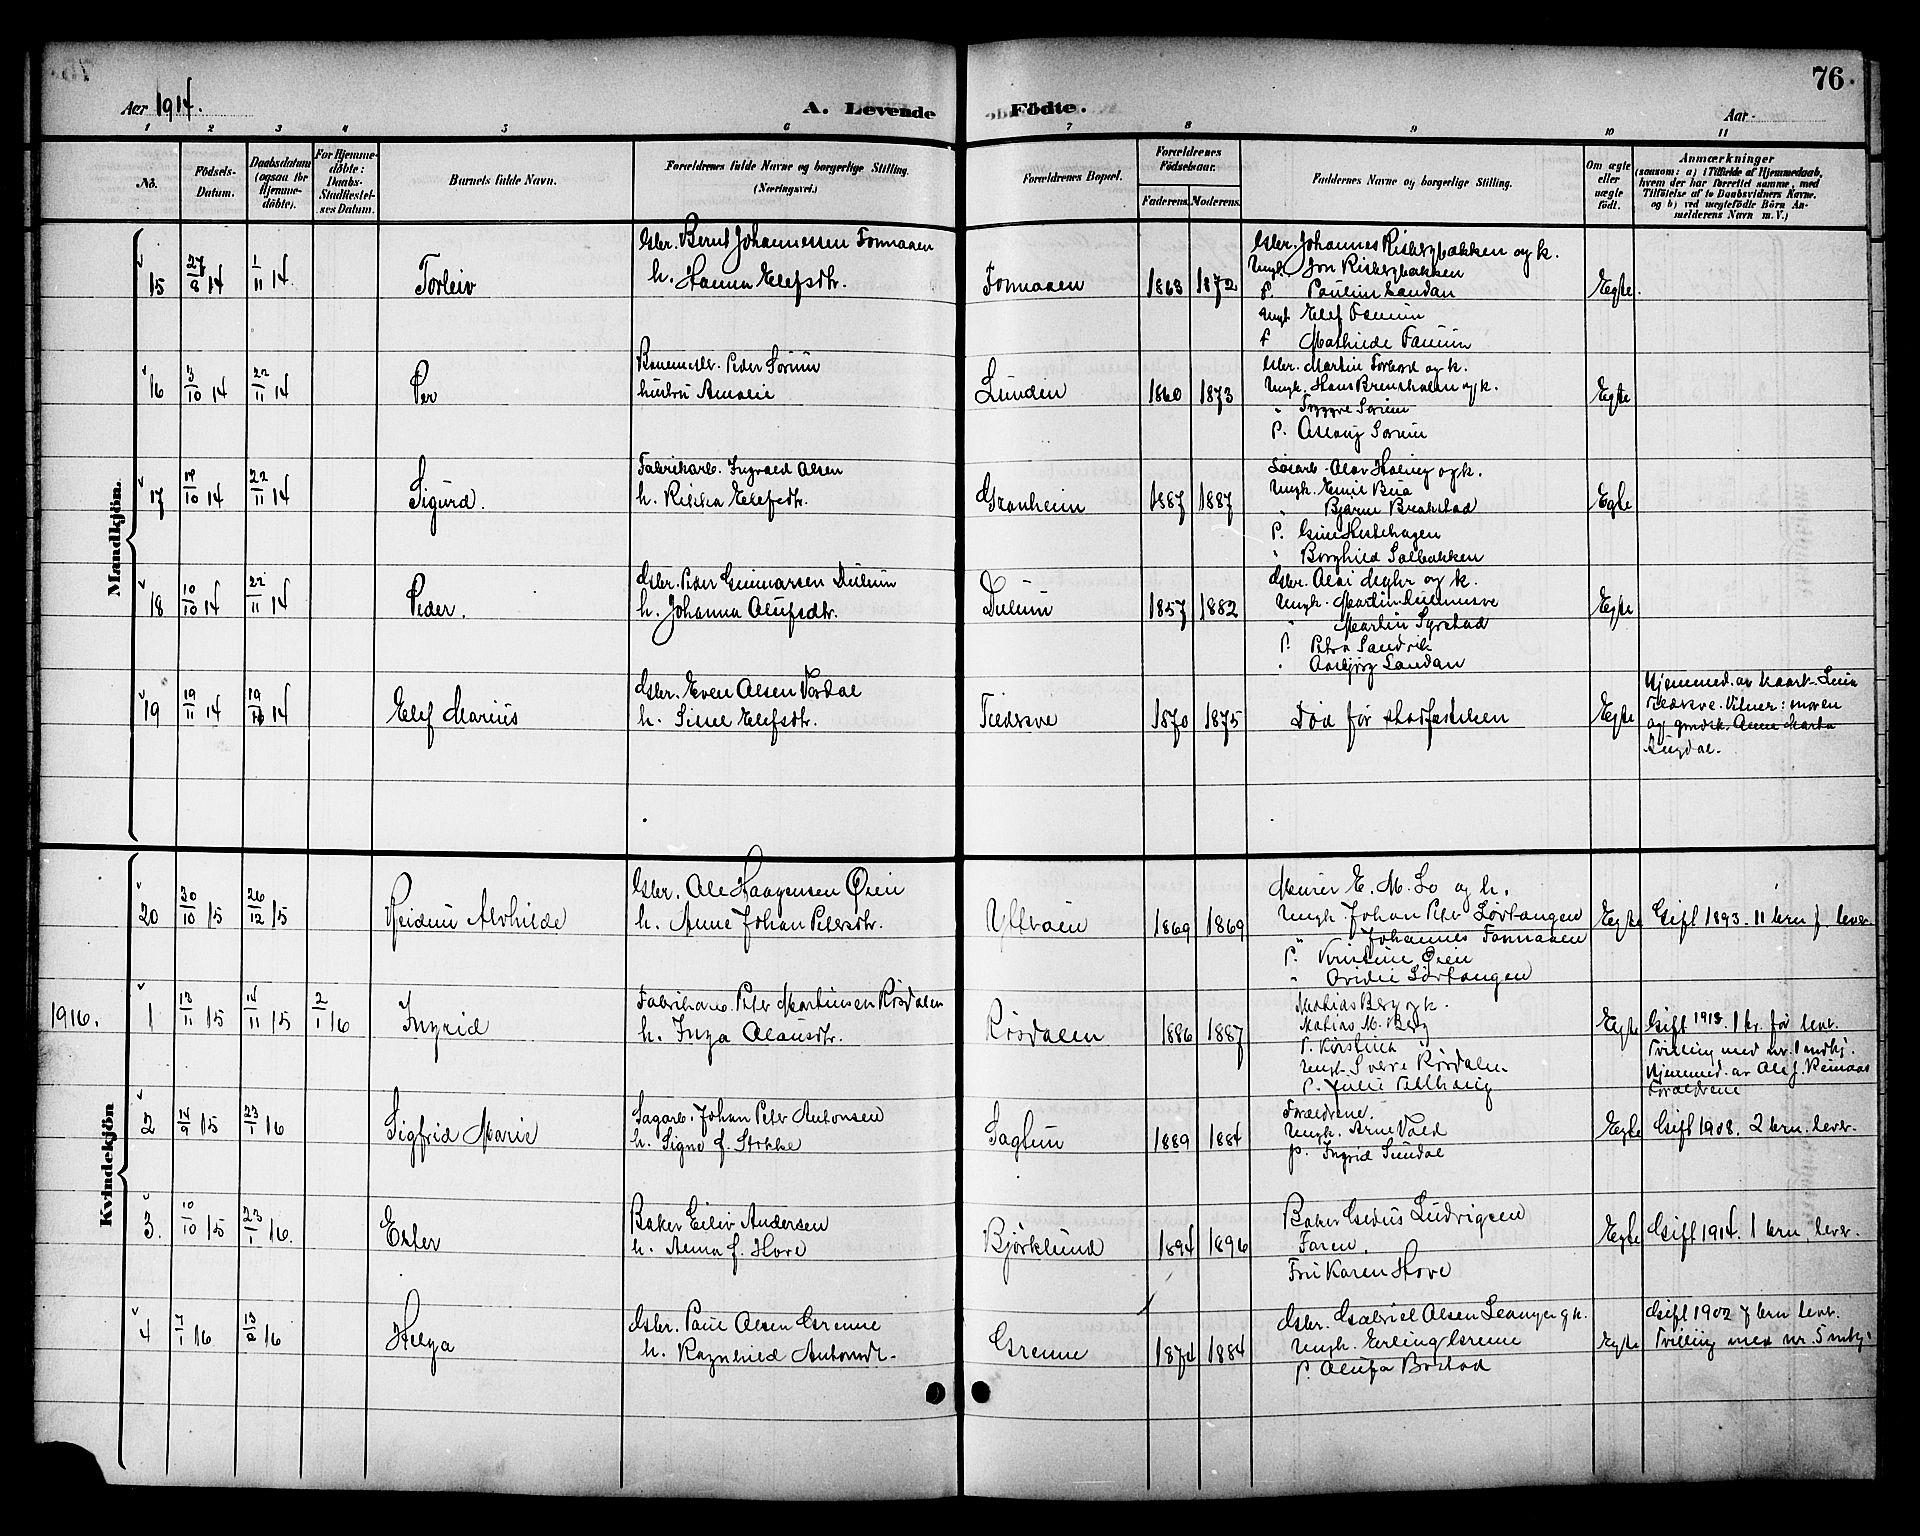 SAT, Ministerialprotokoller, klokkerbøker og fødselsregistre - Nord-Trøndelag, 714/L0135: Klokkerbok nr. 714C04, 1899-1918, s. 76